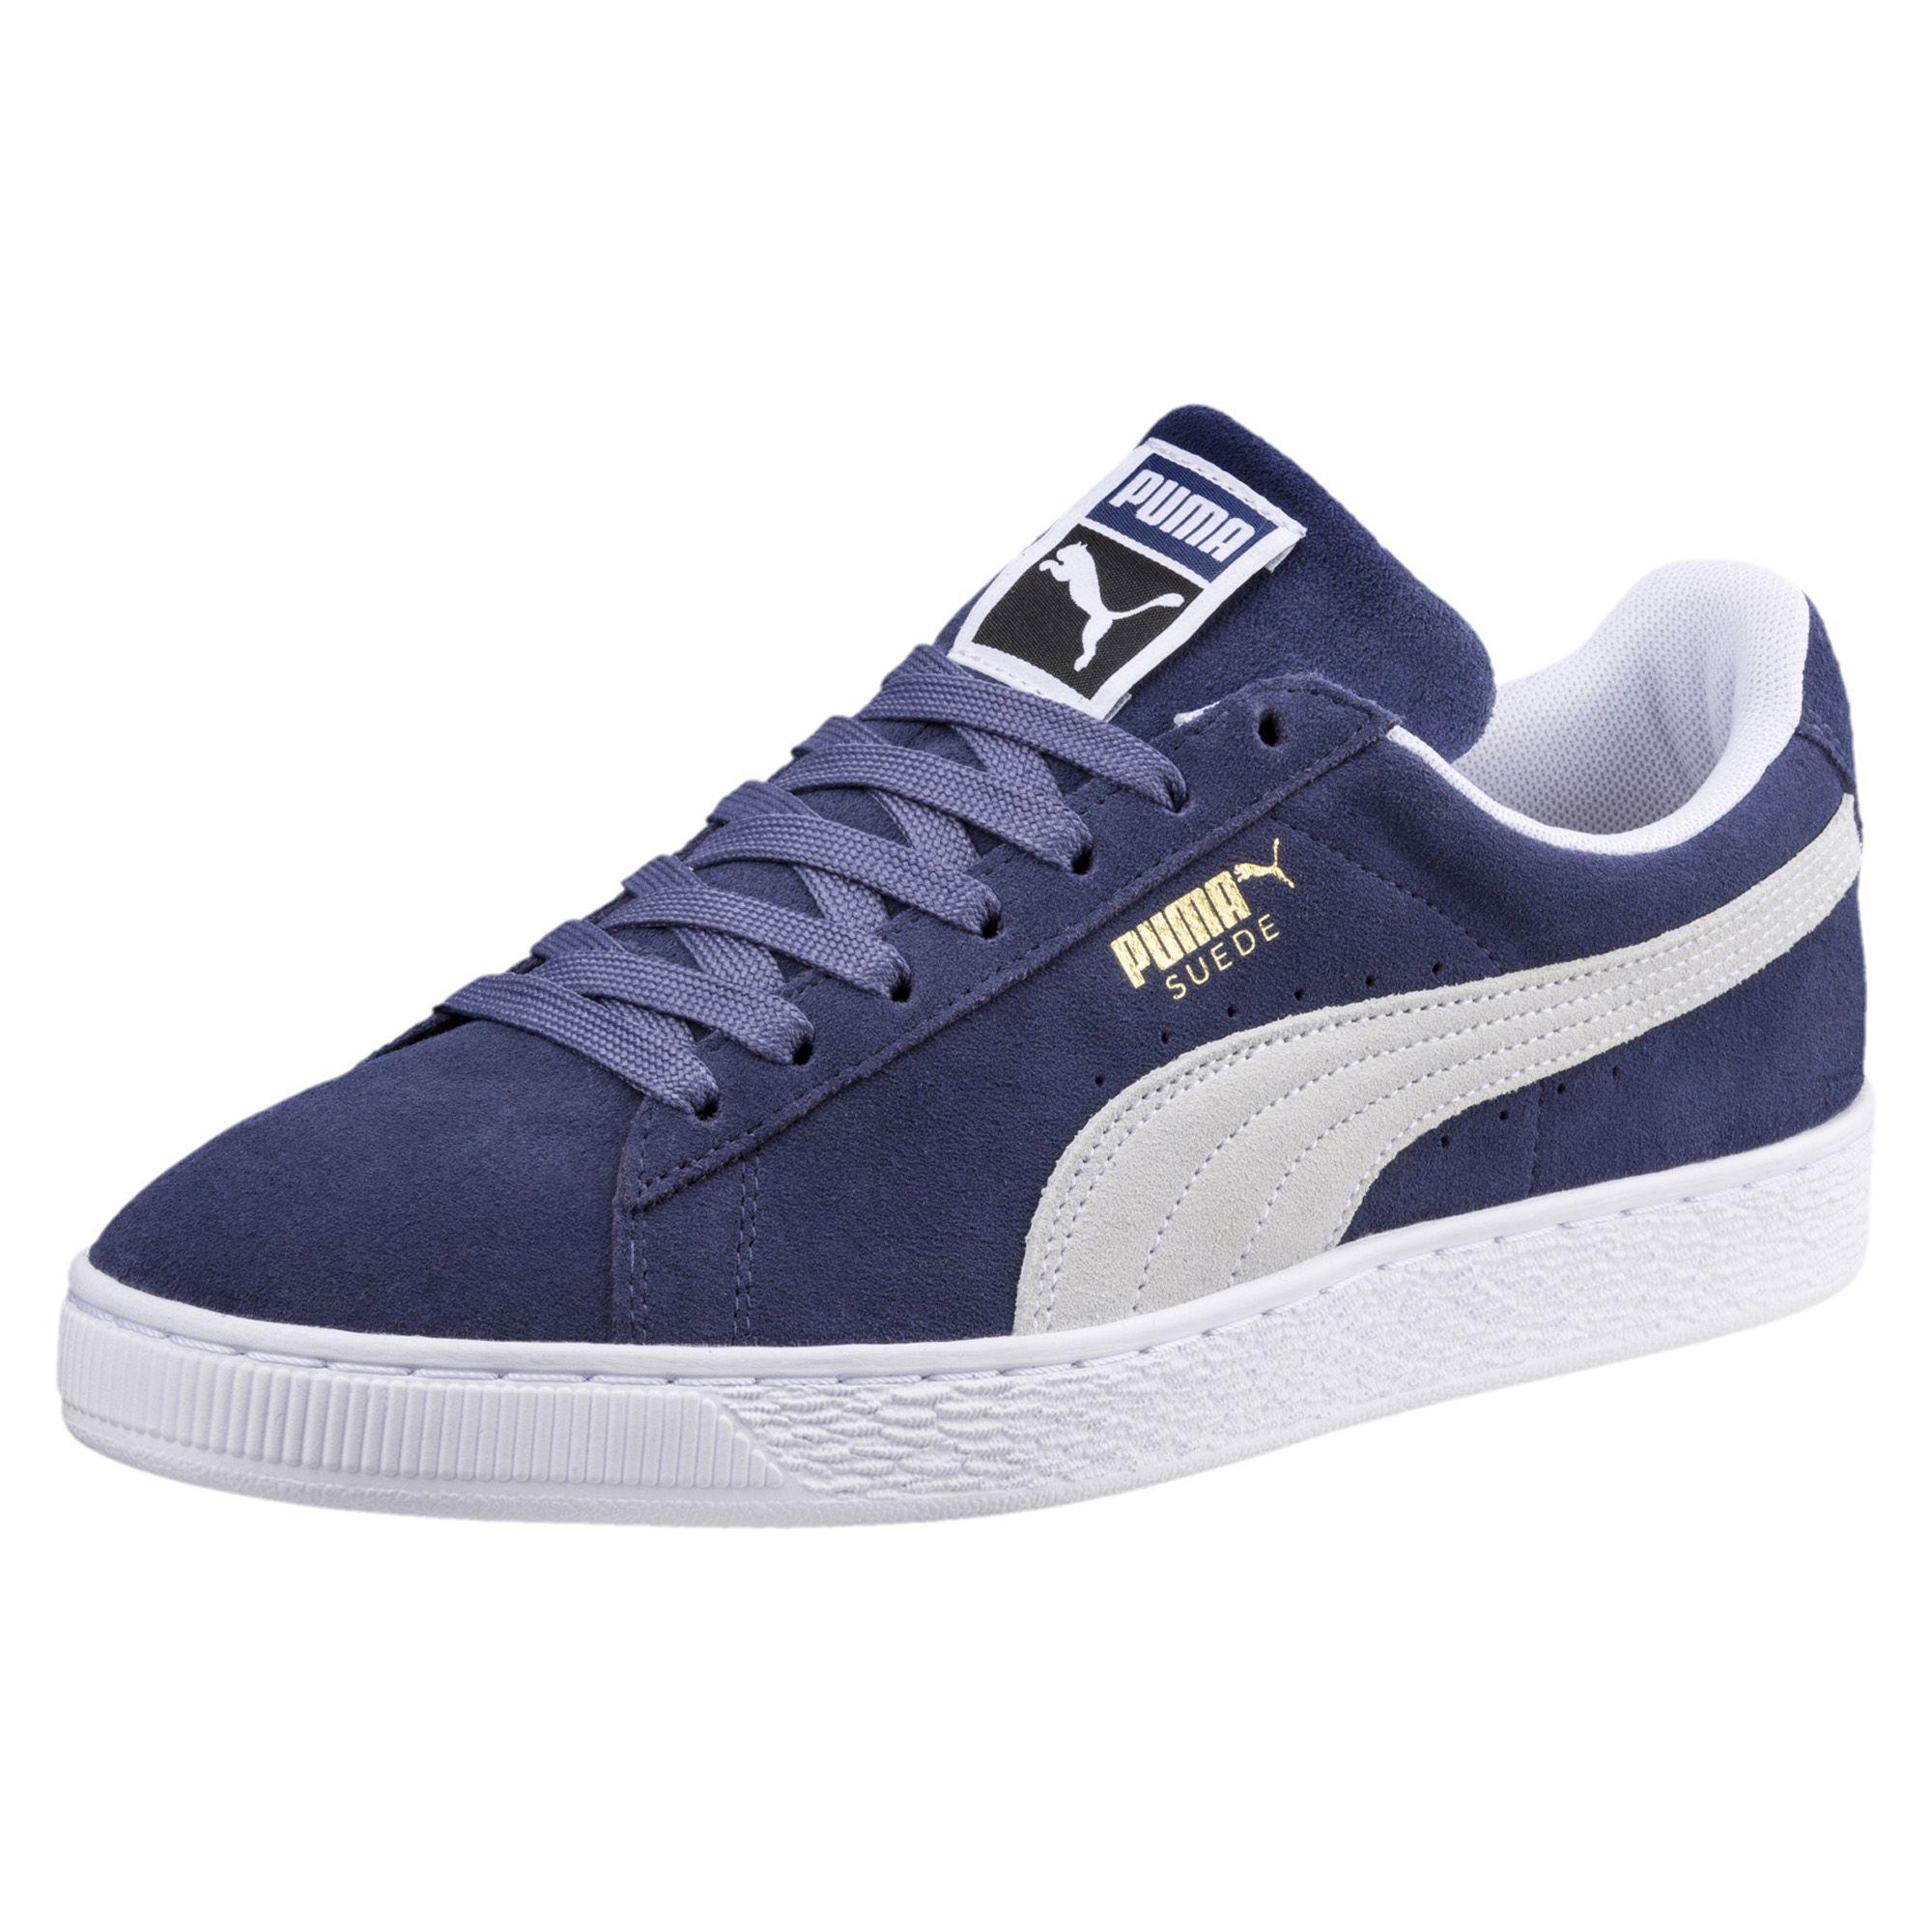 0bd4b23ee5e Puma Shoes Suede Classic Blue Indigo-puma White - Tifoshop.com